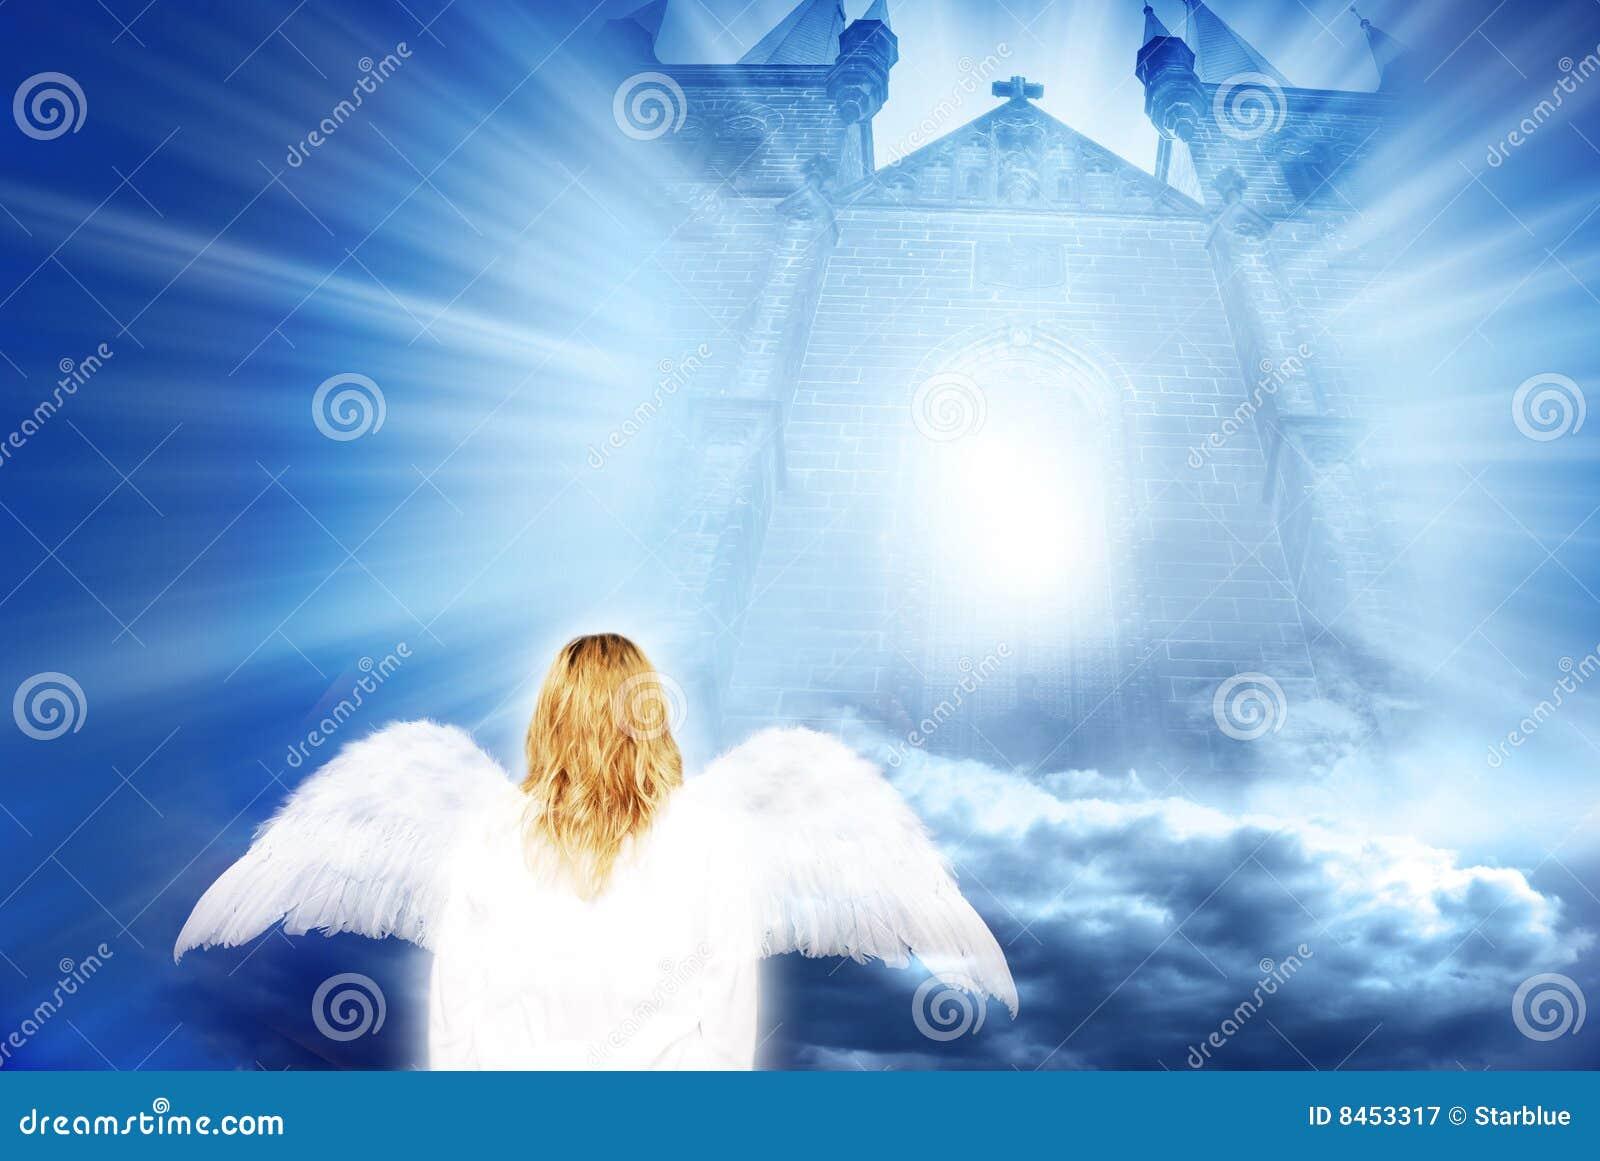 Mistyczna anioł brama